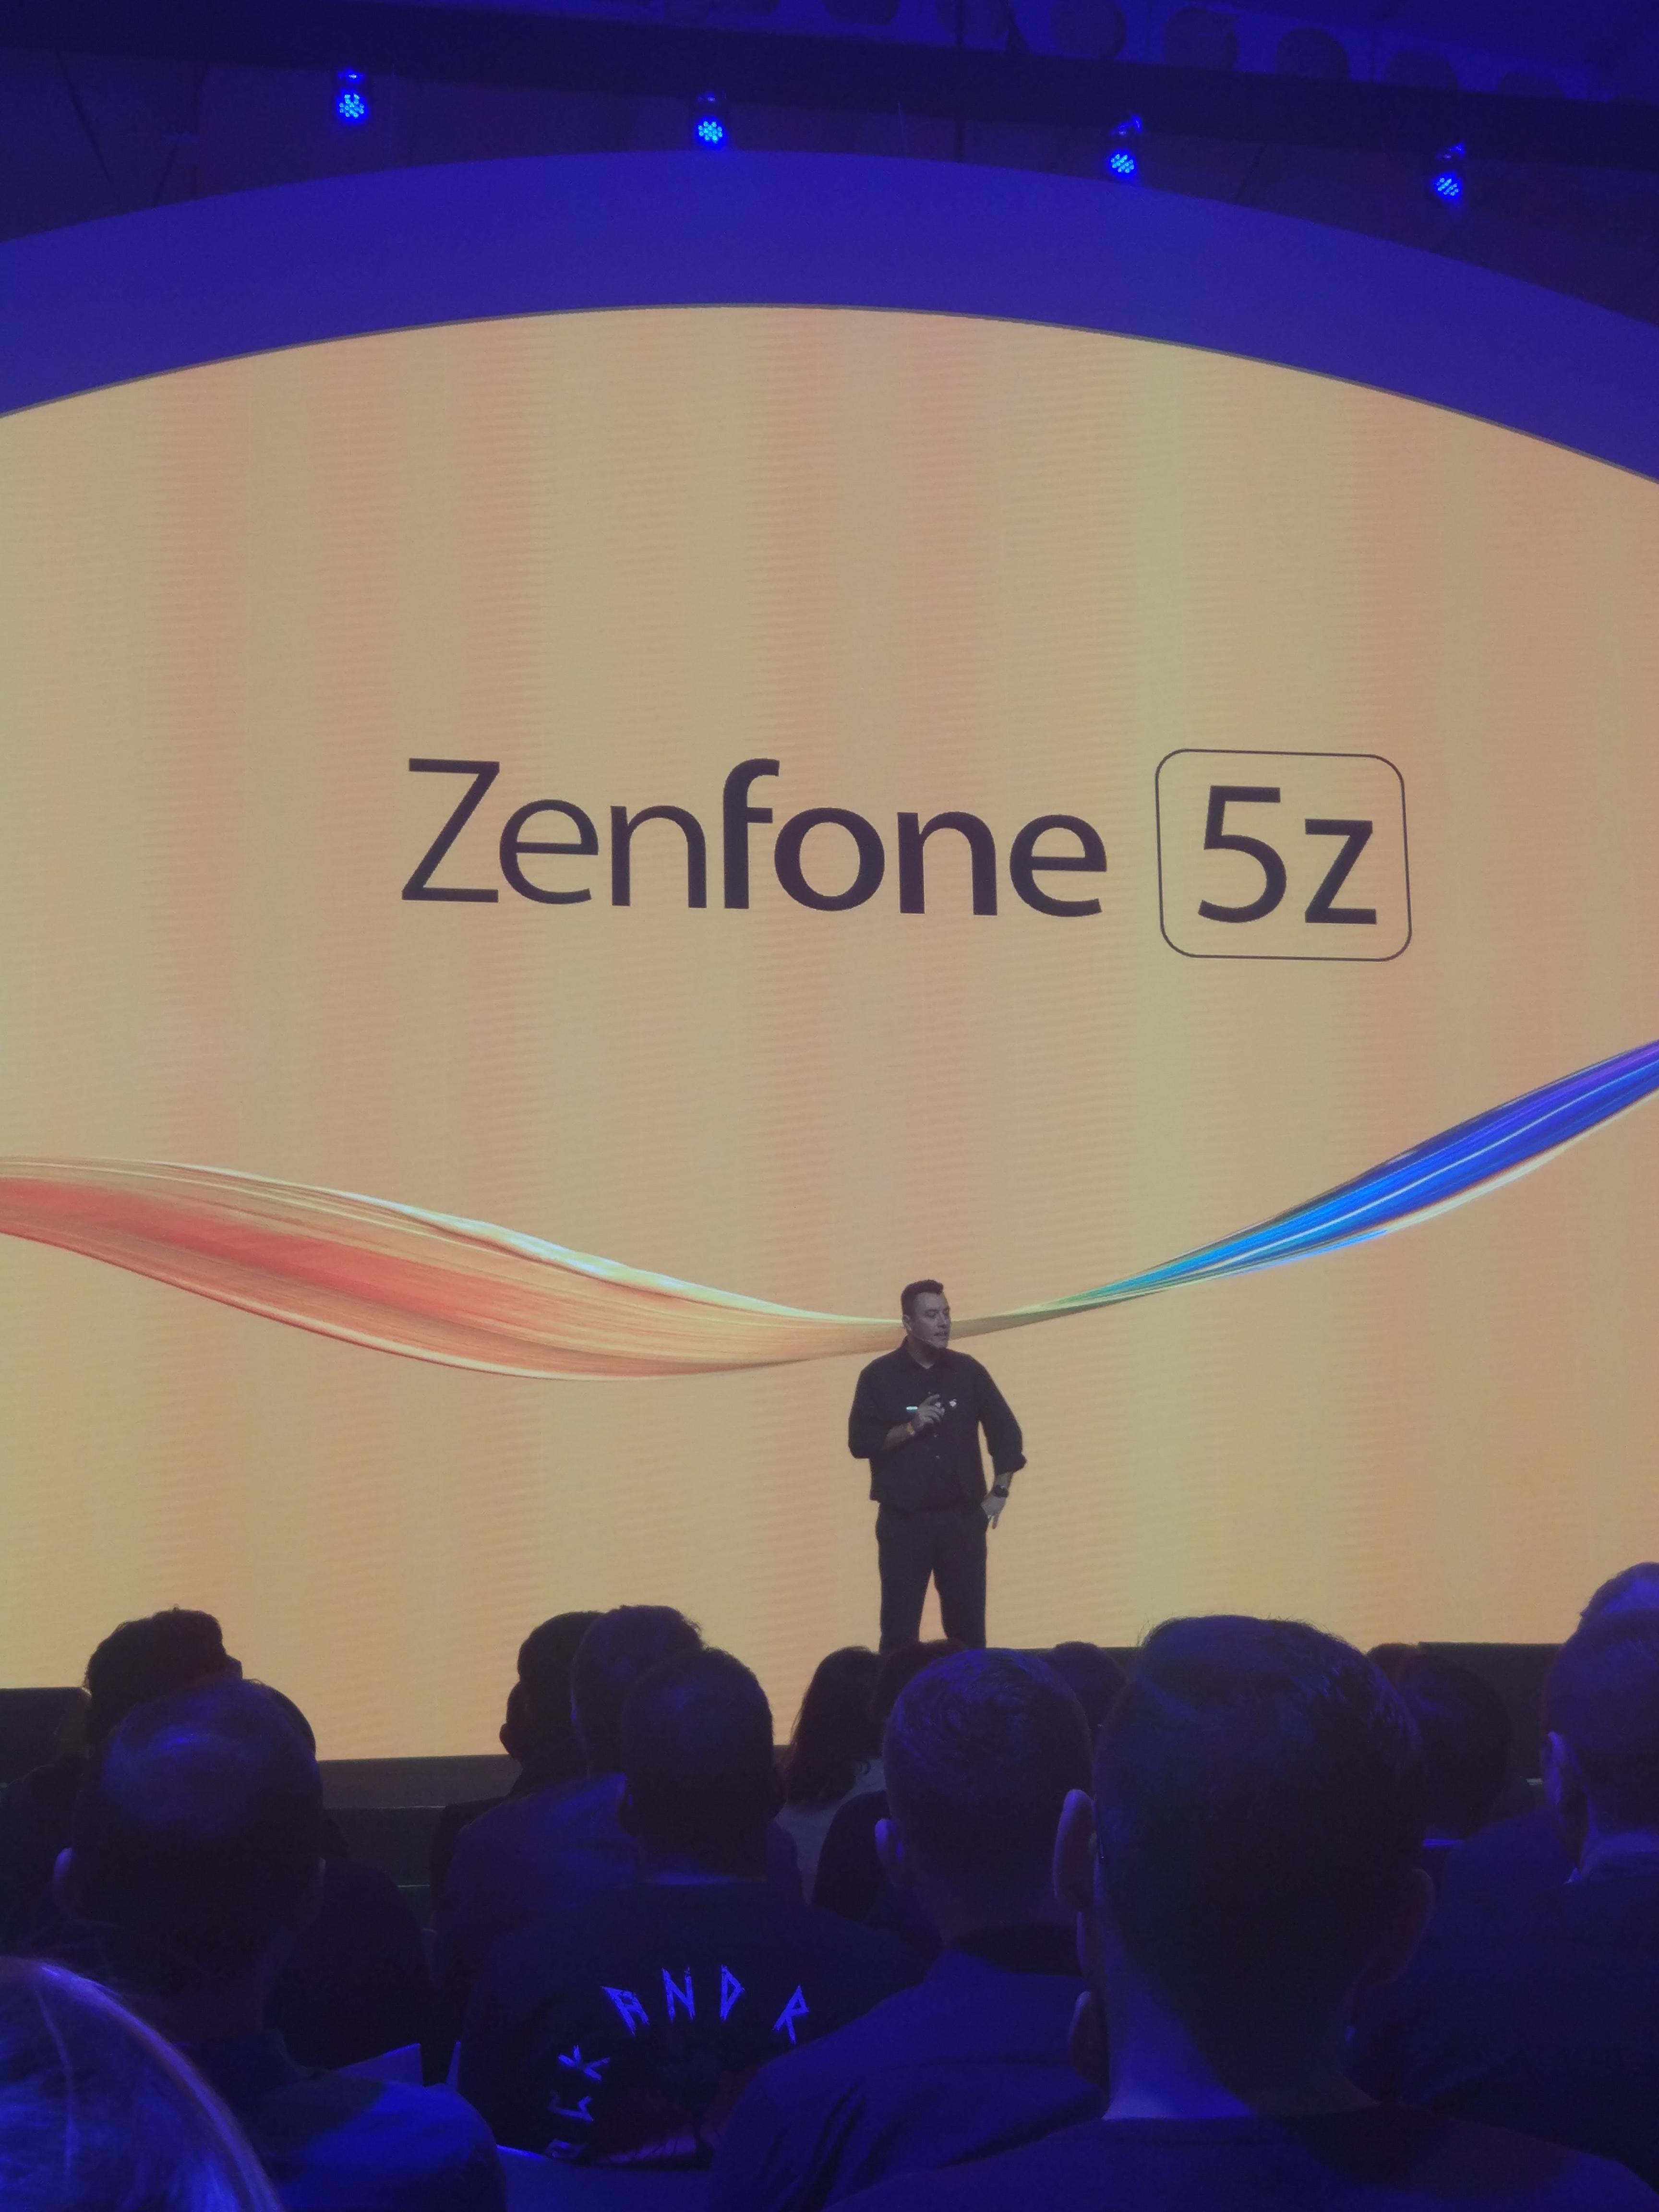 Lanzamiento del Asus Zenfone 5Z en Sao Paulo | BioBioChile